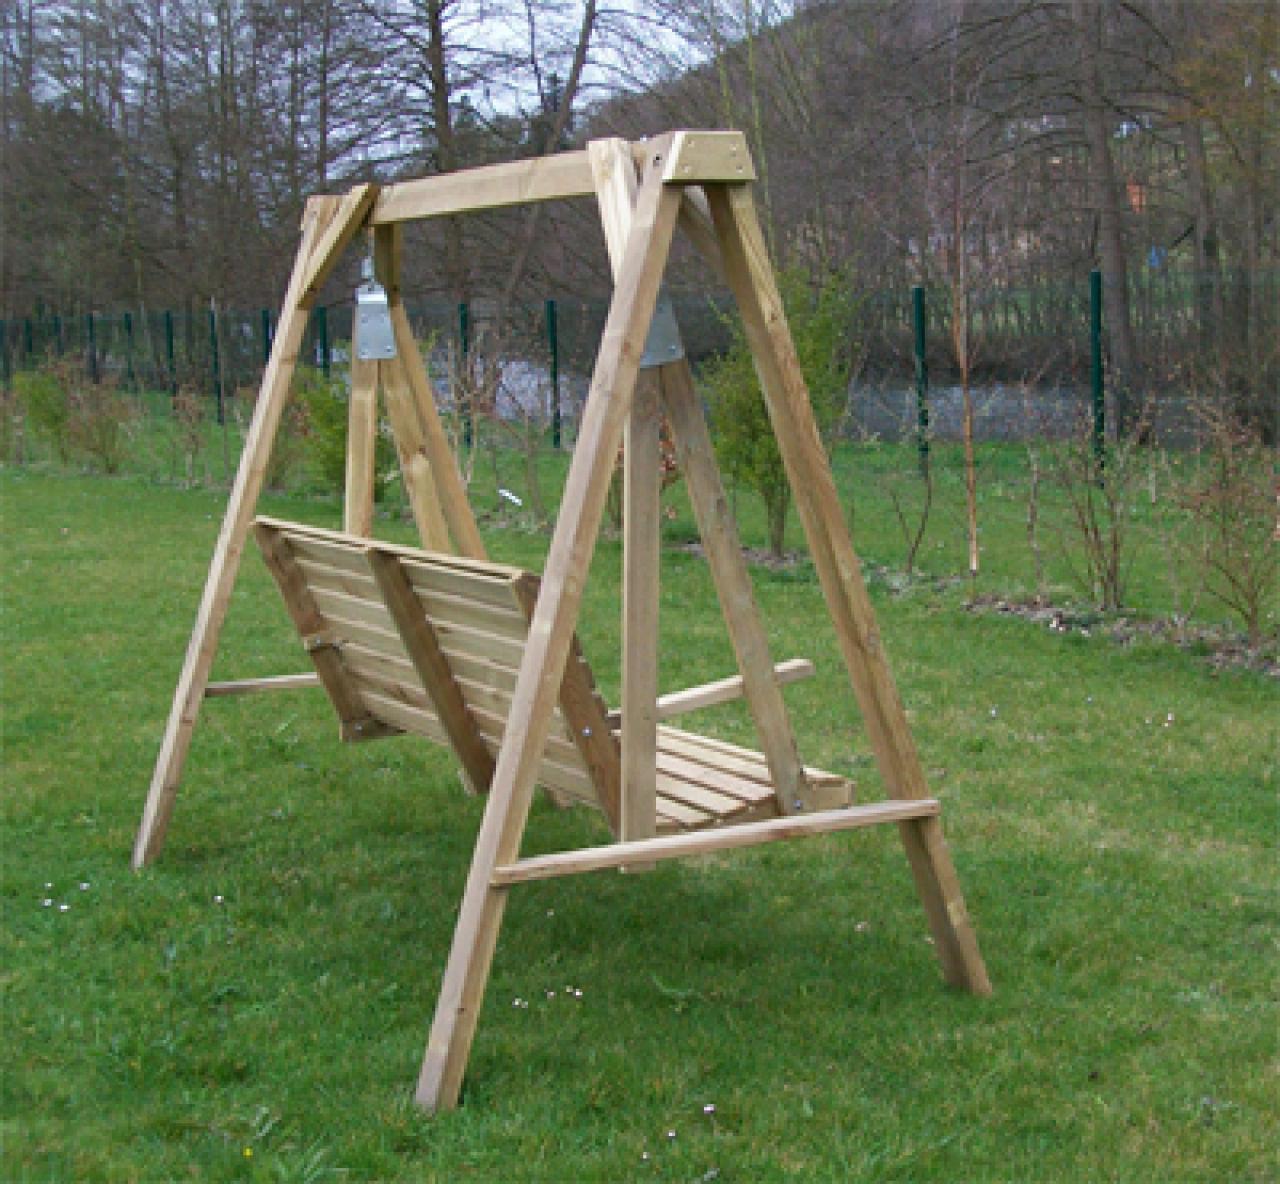 Balancelle bois mobilier de jardin en bois 27 flbc - Mobilier de jardin bois ...